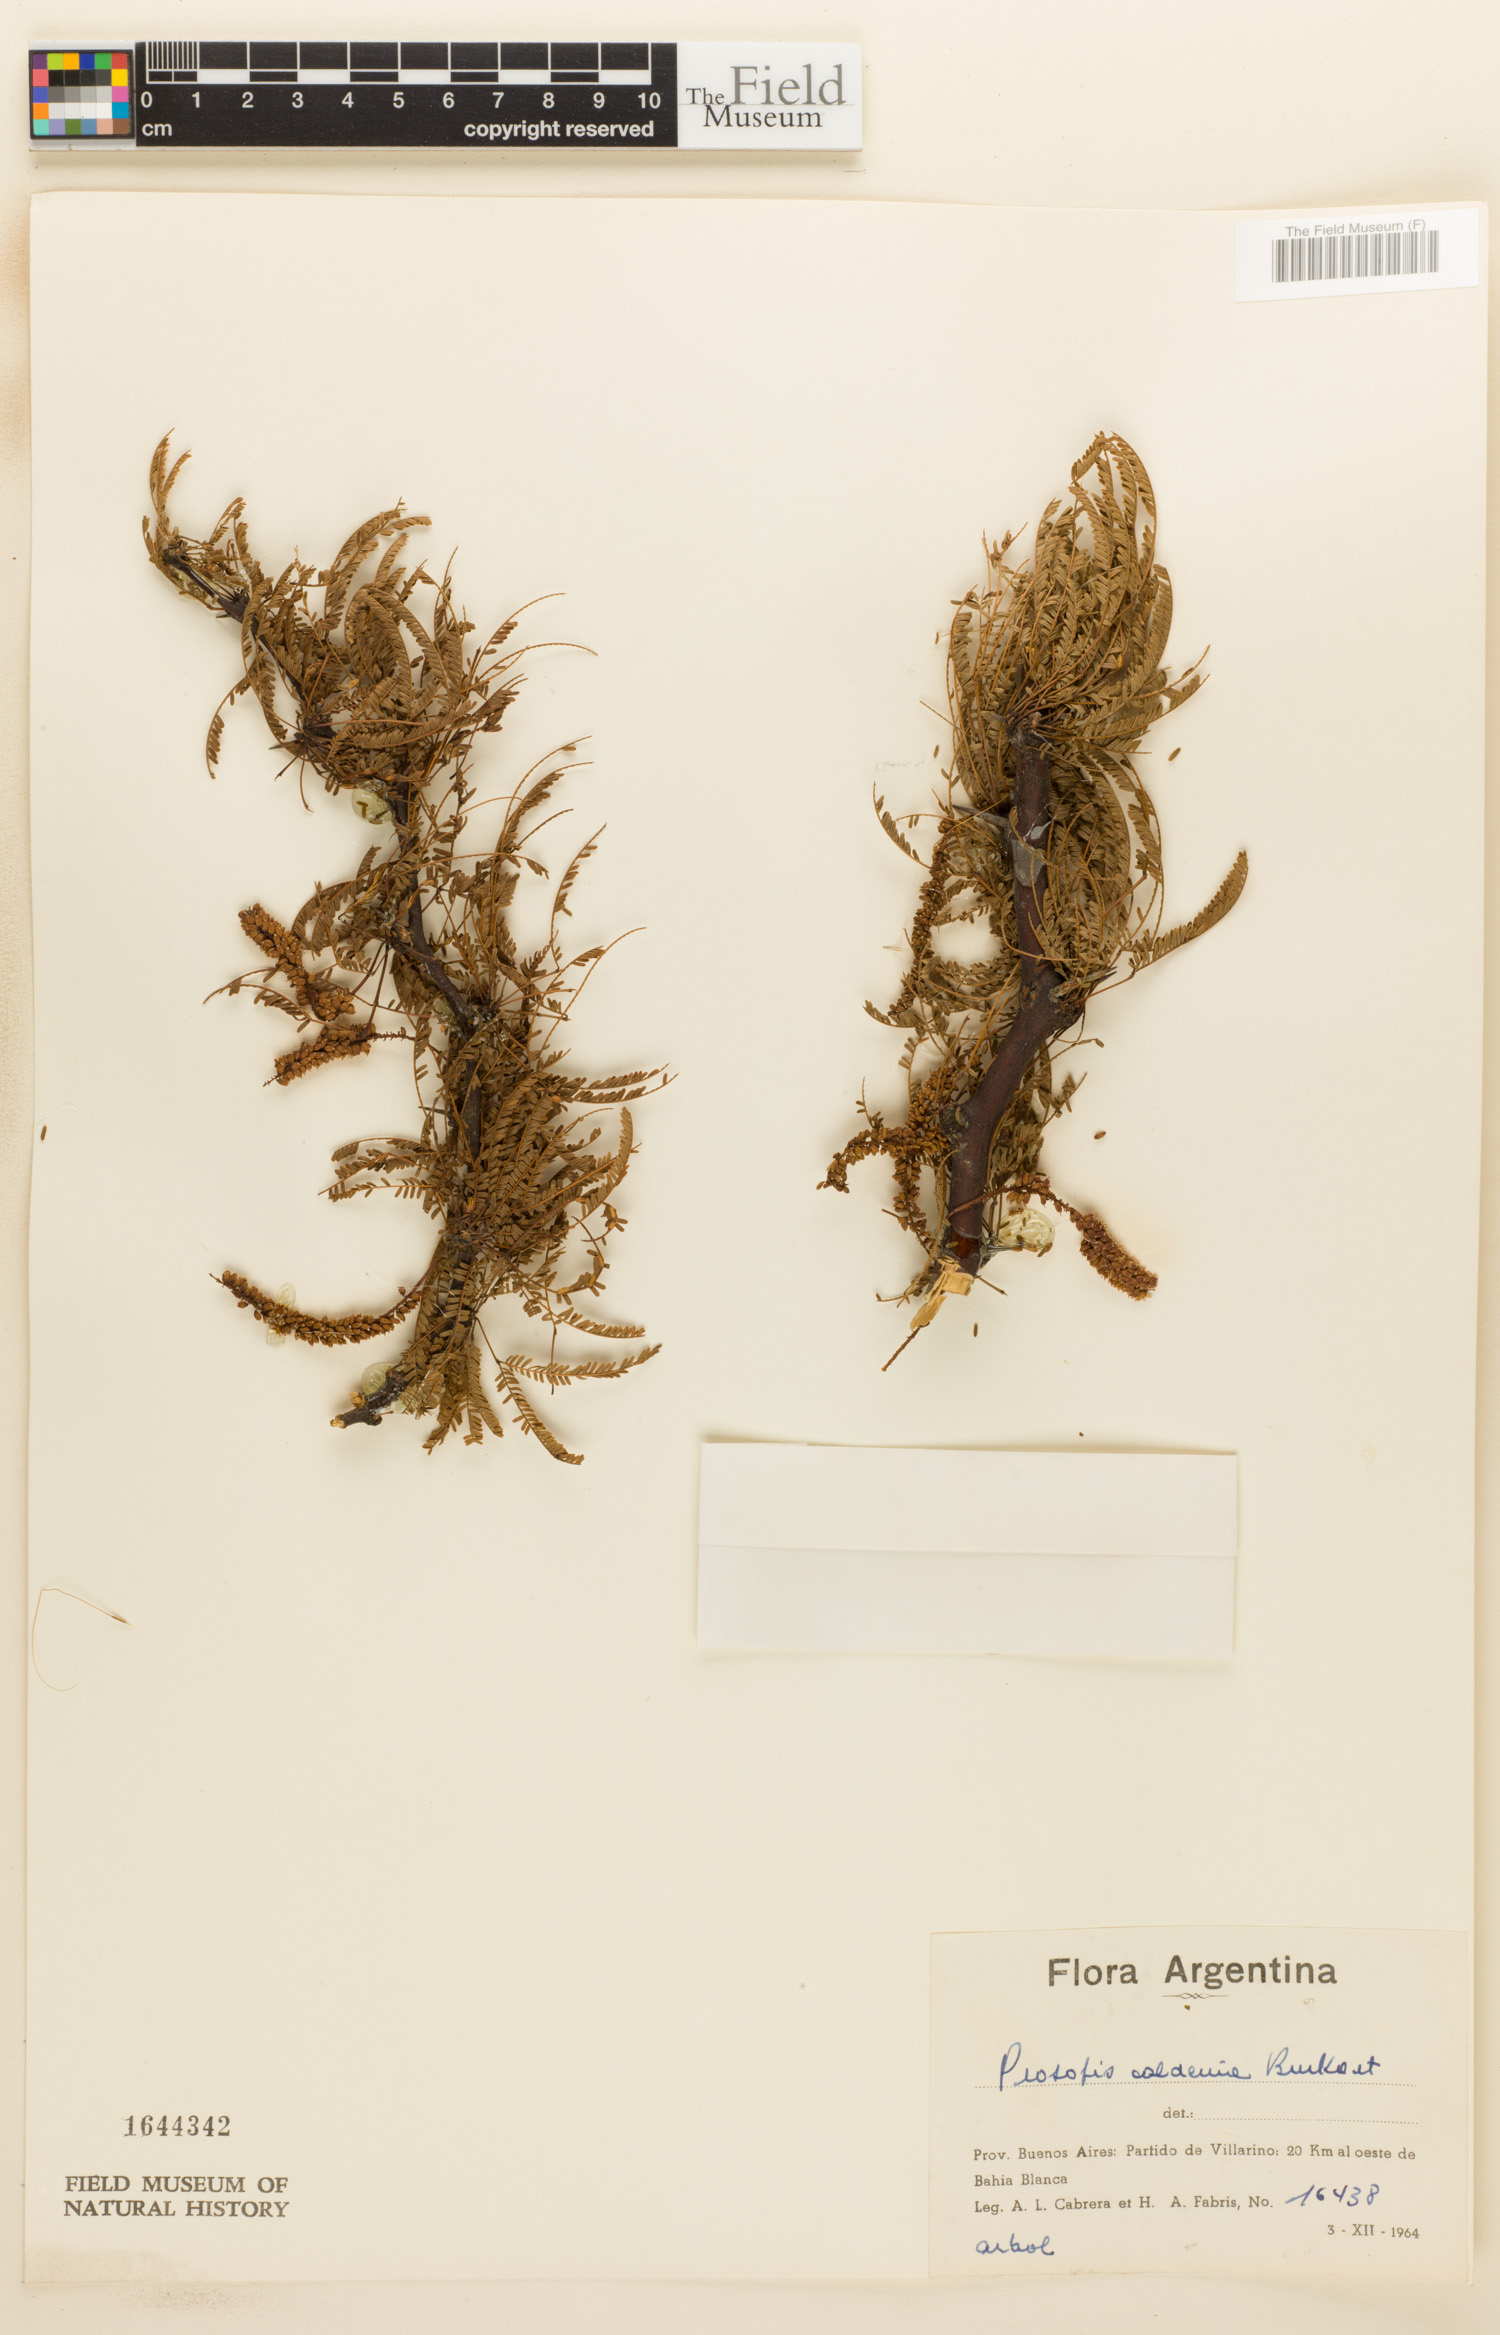 Prosopis caldenia image